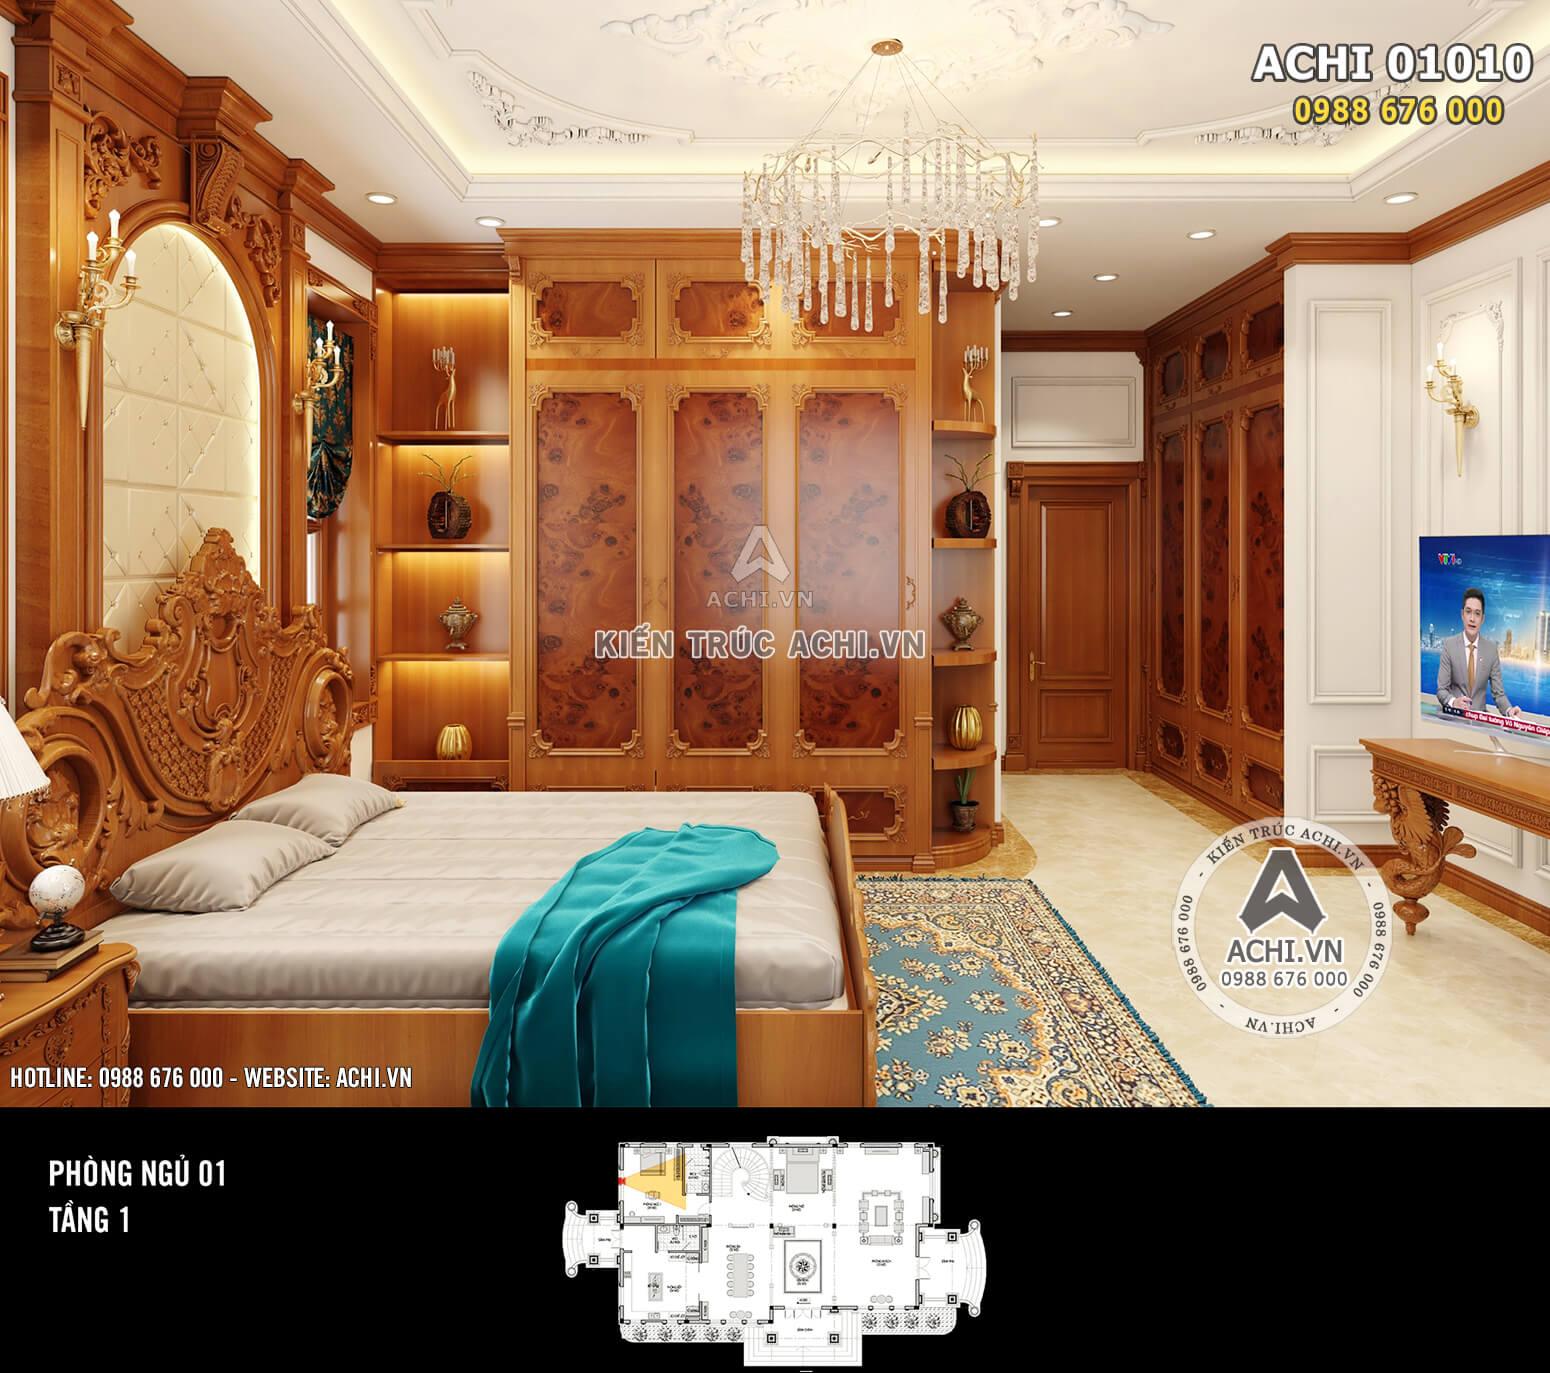 Hình ảnh: Thiết kế nội thất tân cổ điển - Phòng ngủ 1 - 02